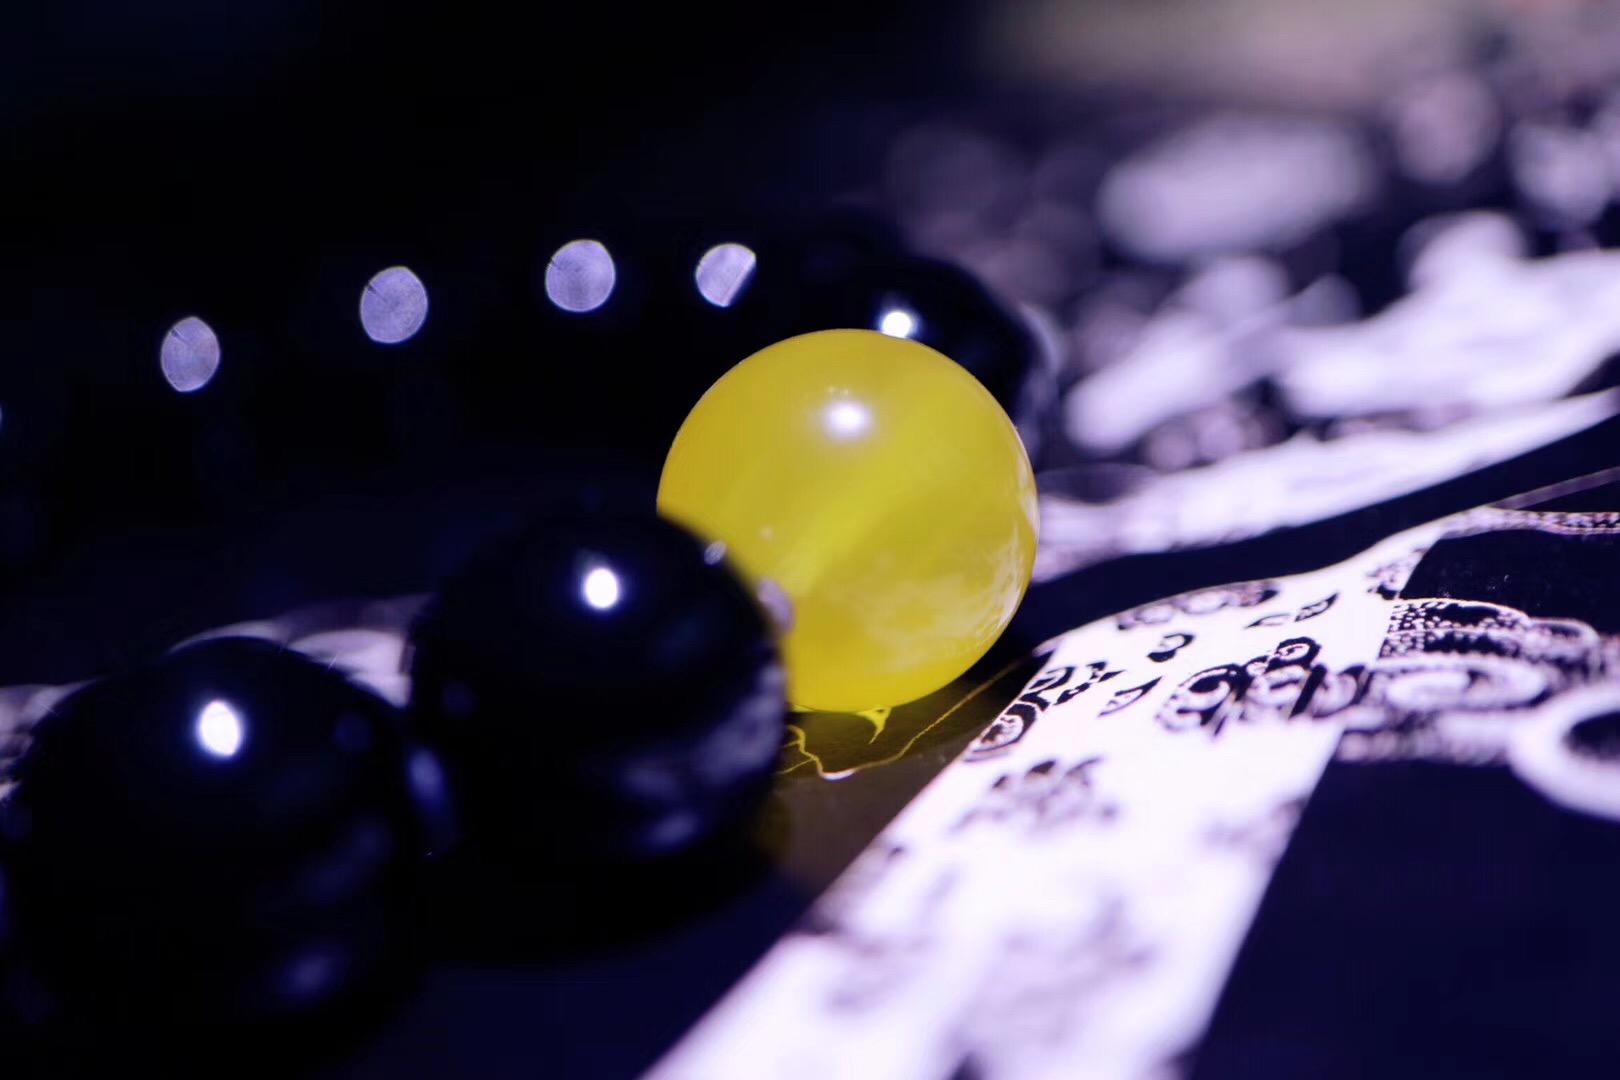 【菩心极品黑曜石   蜜蜡】用黑曜石把身上的黑黑都消灭光~-菩心晶舍